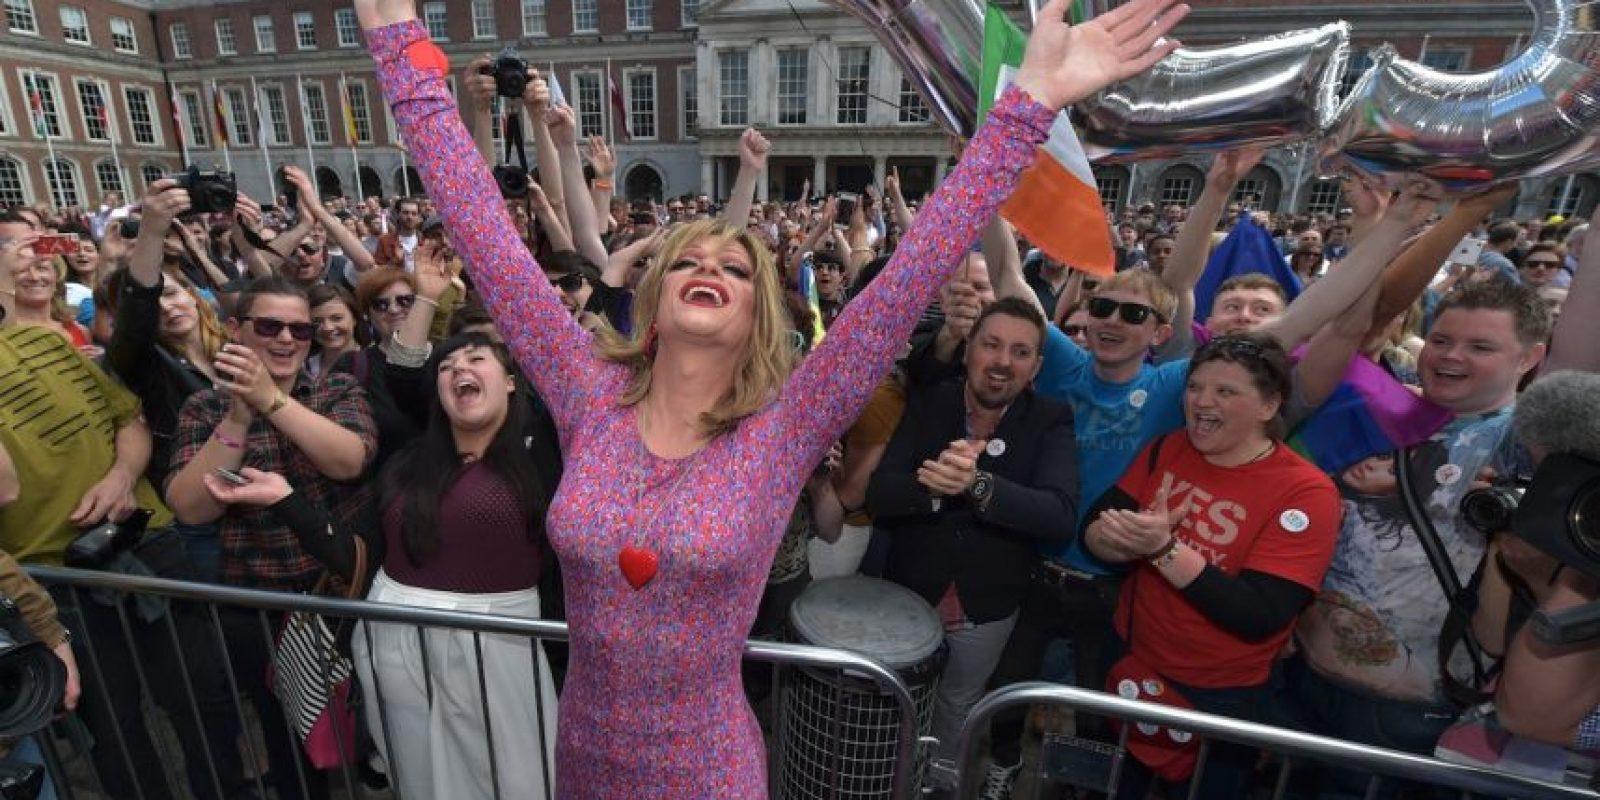 En 1989 se convirtió en la primera nación en reconocer las uniones entre parejas del mismo sexo. Además, Copenhague es la ciudad con el bar gay más antiguo de Europa: Centralhjornet, que data de la década de los años 50. Foto:Getty Images